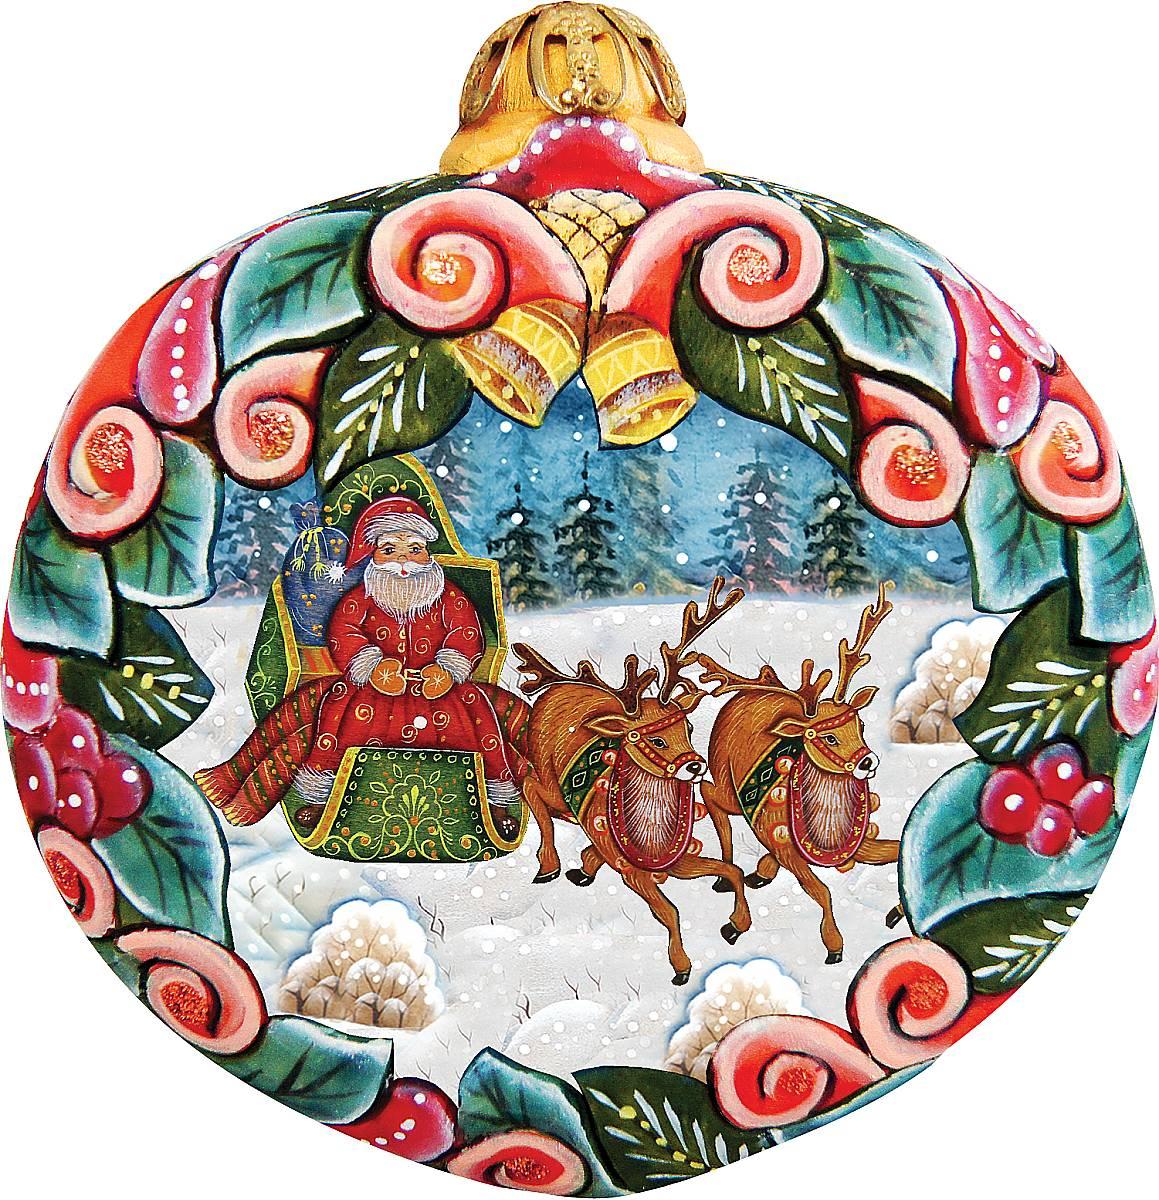 Украшение новогоднее подвесное Mister Christmas, высота 10 см. US 610313US 610313Коллекционное украшение Mister Christmas прекрасноподойдет для праздничного декора вашего дома.Изделие выполнено из полистоуна и креплением дляподвешивания на елку.Новогодние украшения несут в себе волшебство икрасоту праздника. Они помогут вам украсить дом кпредстоящим праздникам и оживить интерьер.Создайте в доме атмосферу тепла, веселья и радости,украшая его всей семьей. Кроме того, такая игрушка станет приятным подарком,который надолго сохранит память этого волшебноговремени года. Высота украшения: 10 см.